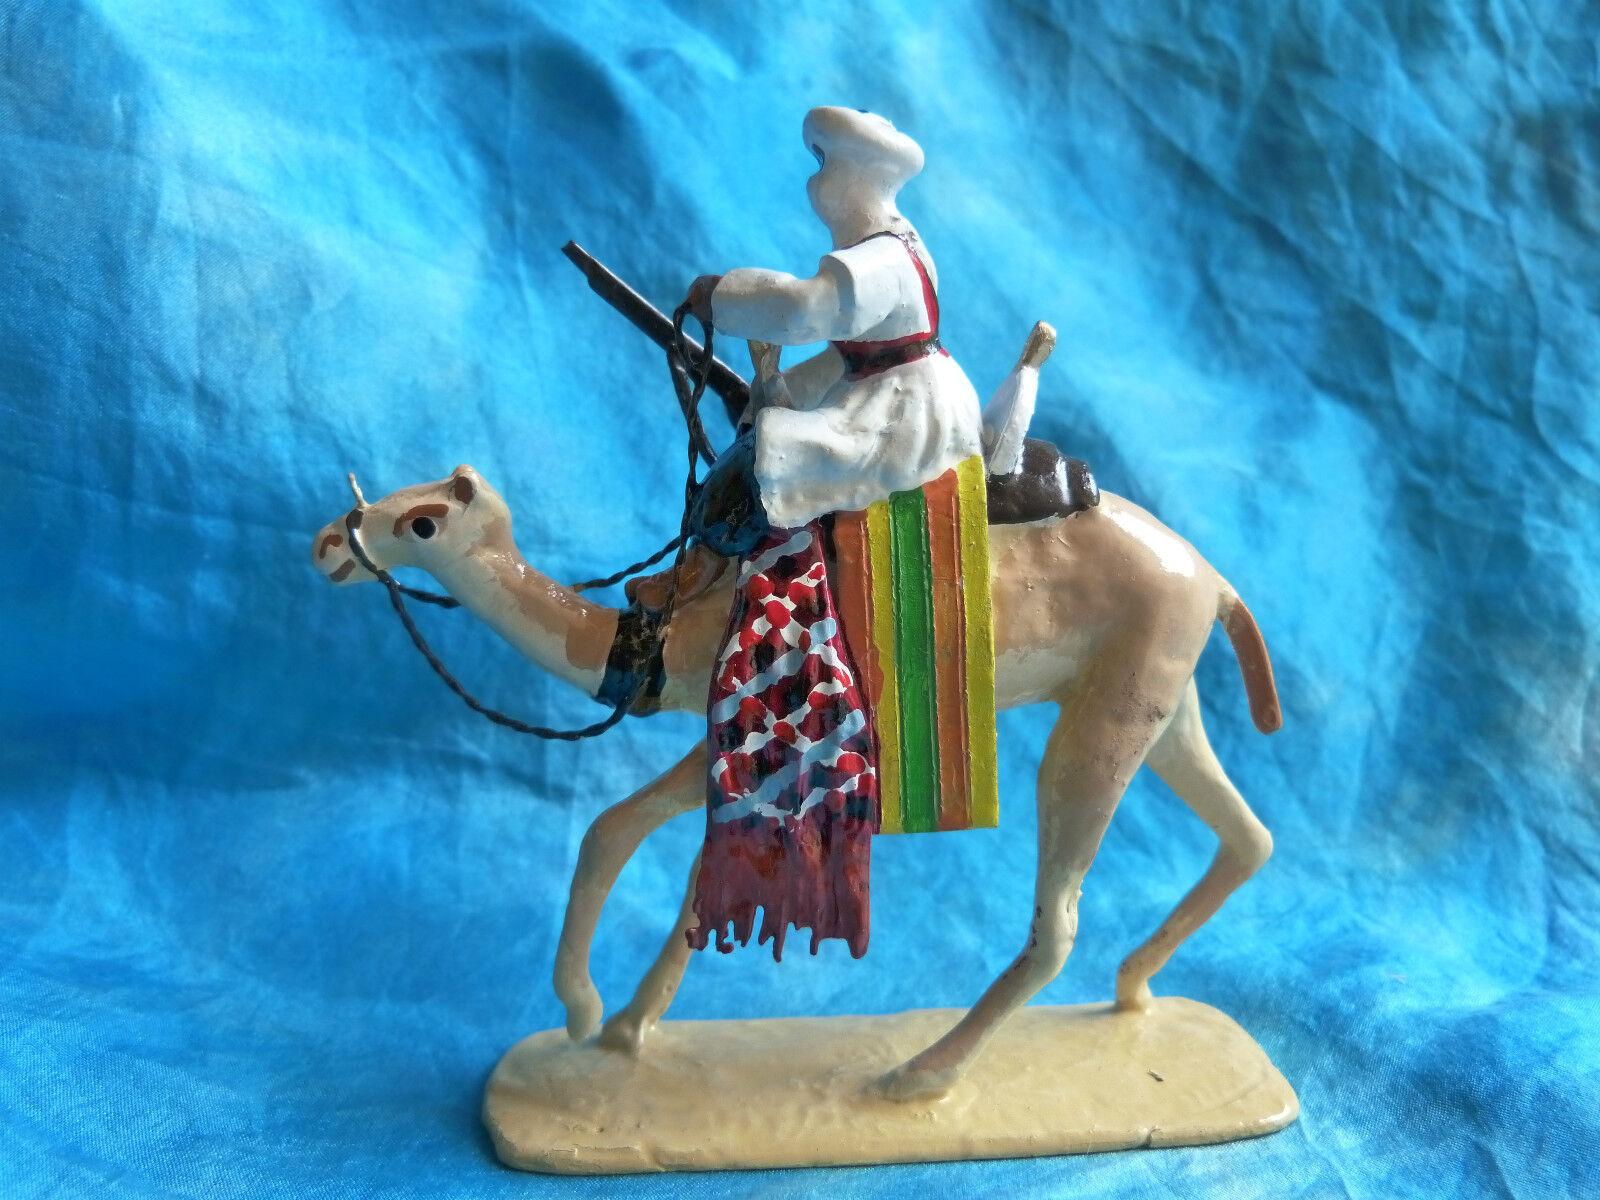 Soldat de plomb typ jouglet - m é hariste n ° 2 (kamel corps) - arm é es coloniales